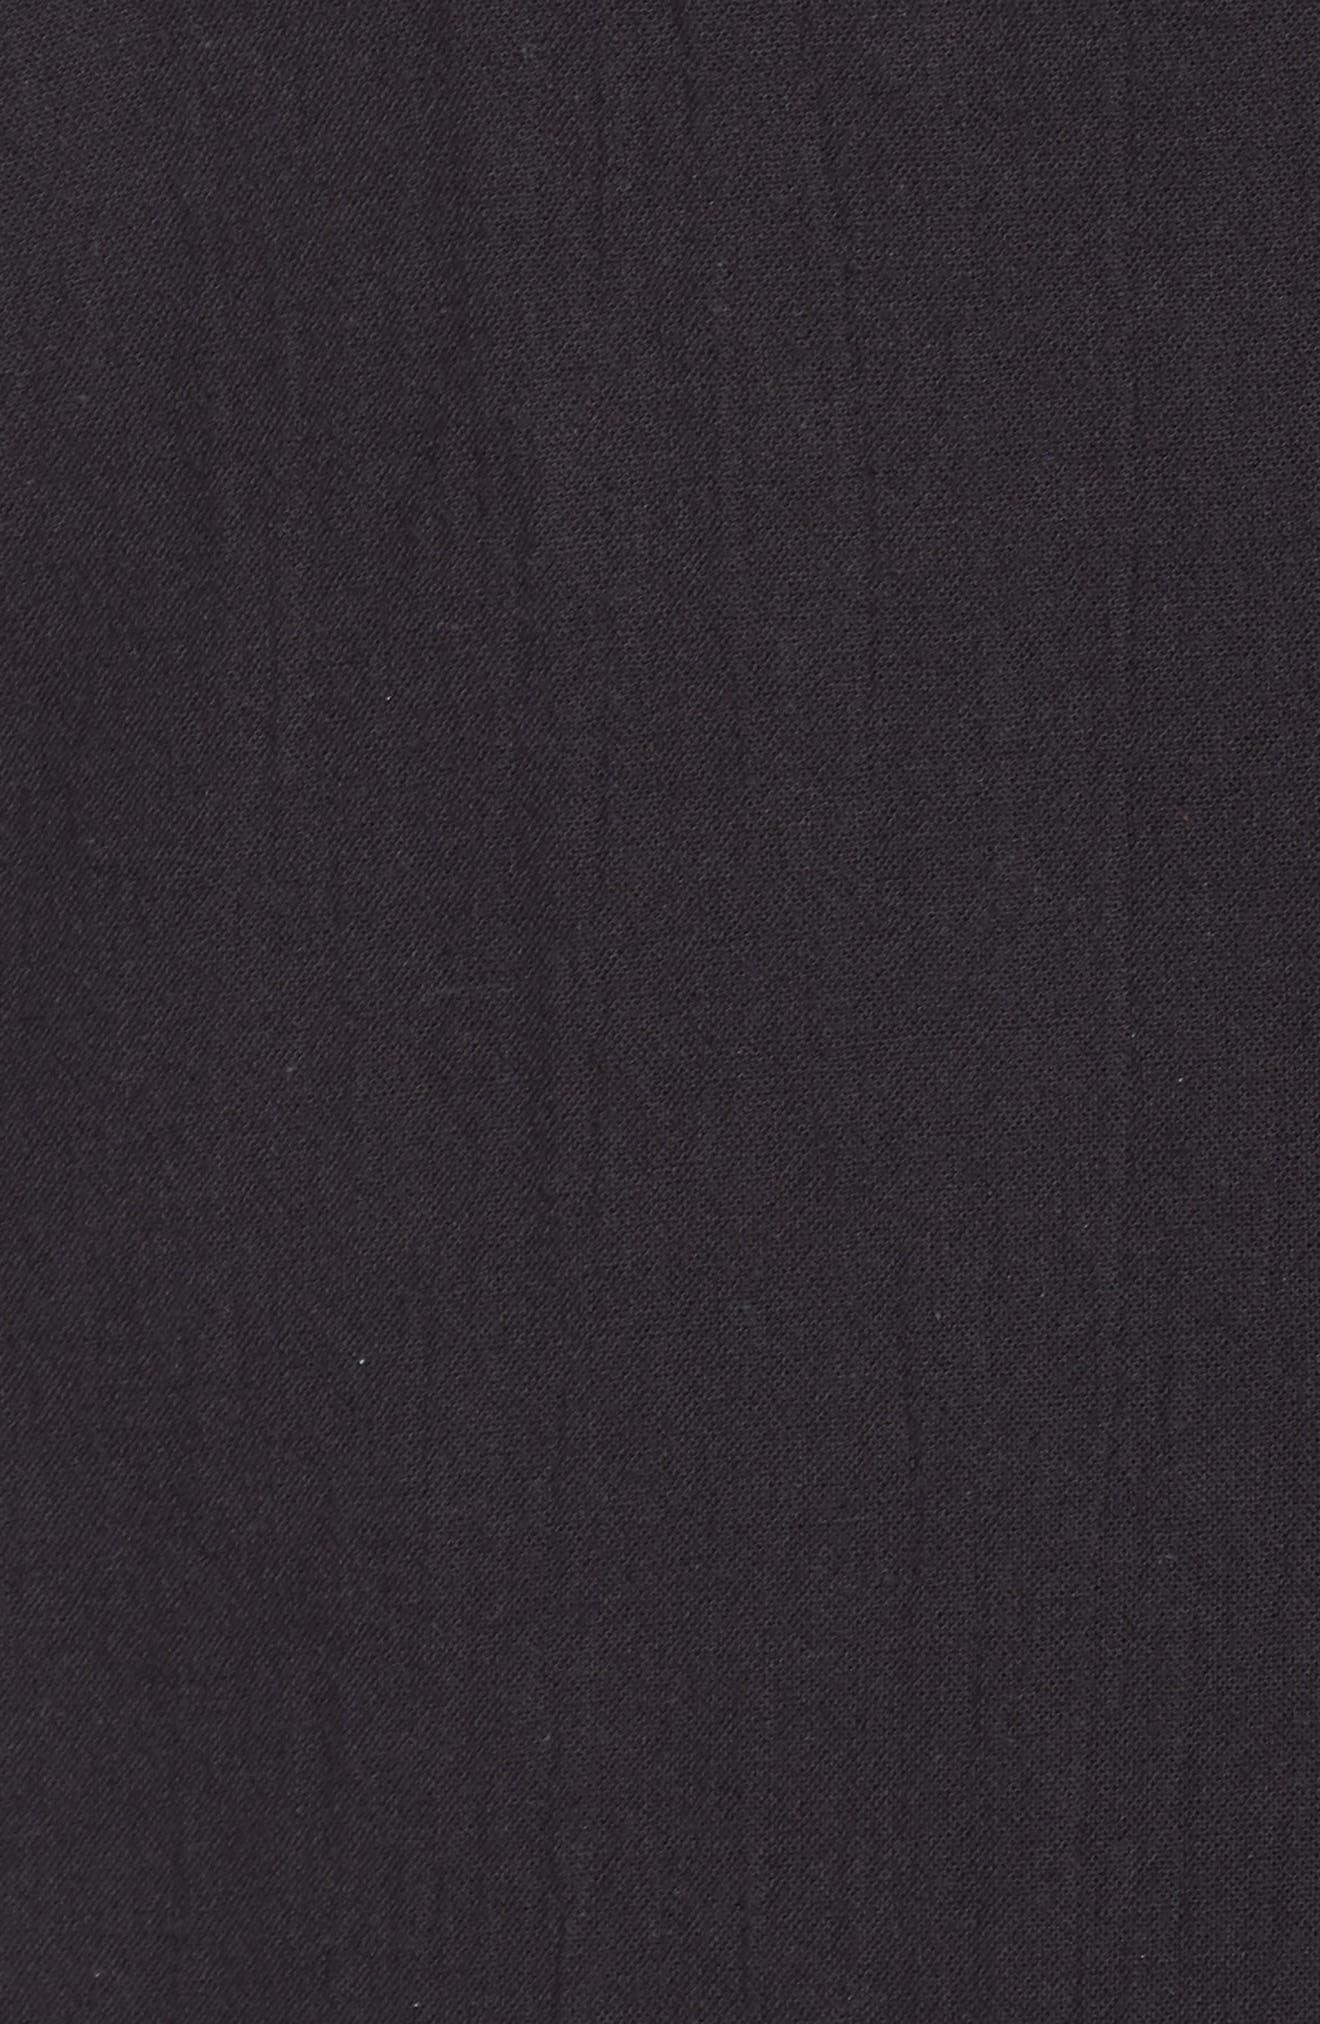 Organic Cotton Blend Kimono Jacket,                             Alternate thumbnail 6, color,                             Black